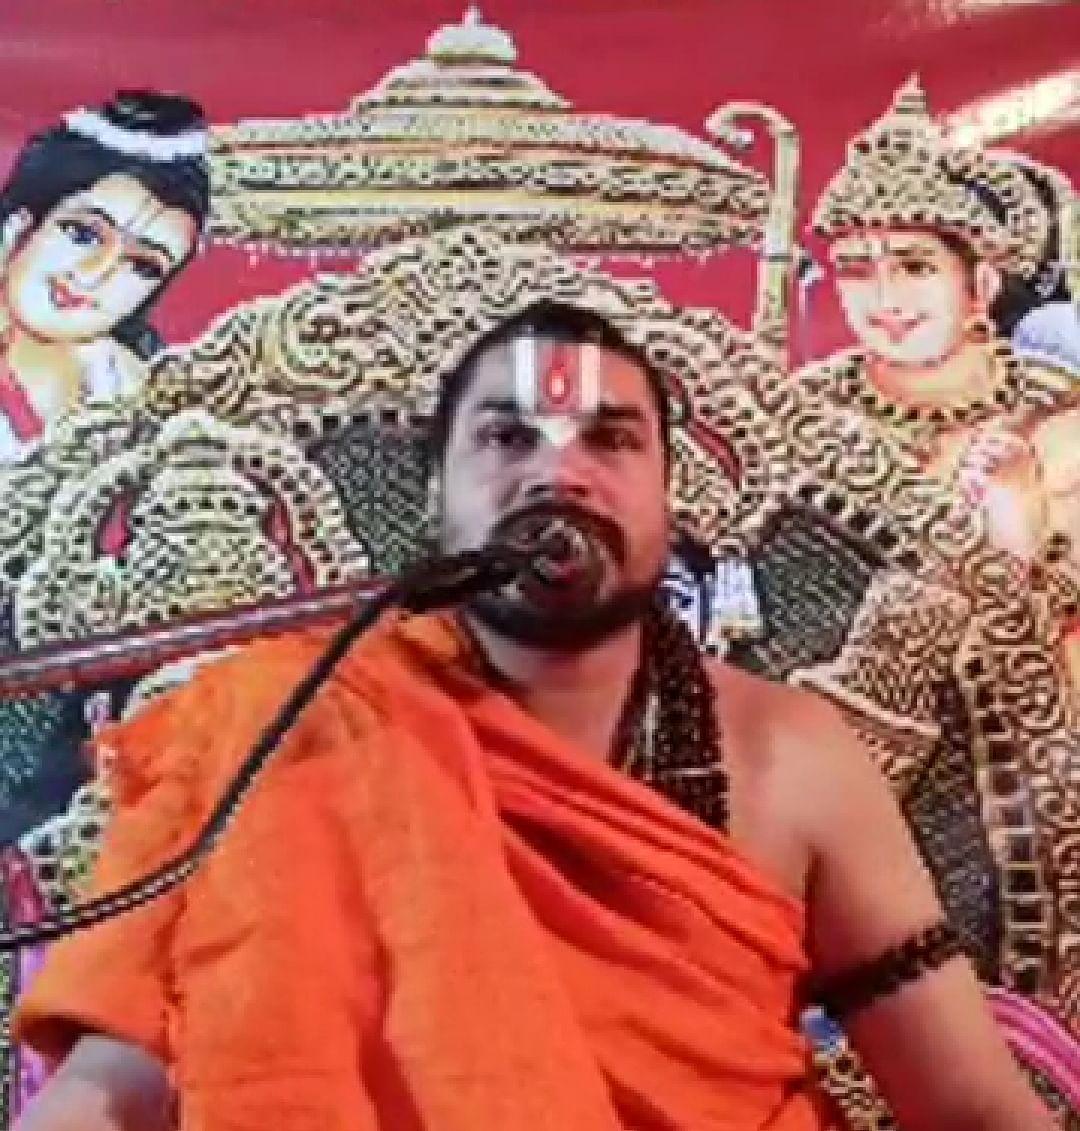 बलिया : रामकथा से मिलती है सात्विक जीवन की प्रेरणा : त्रिदंडी स्वामी